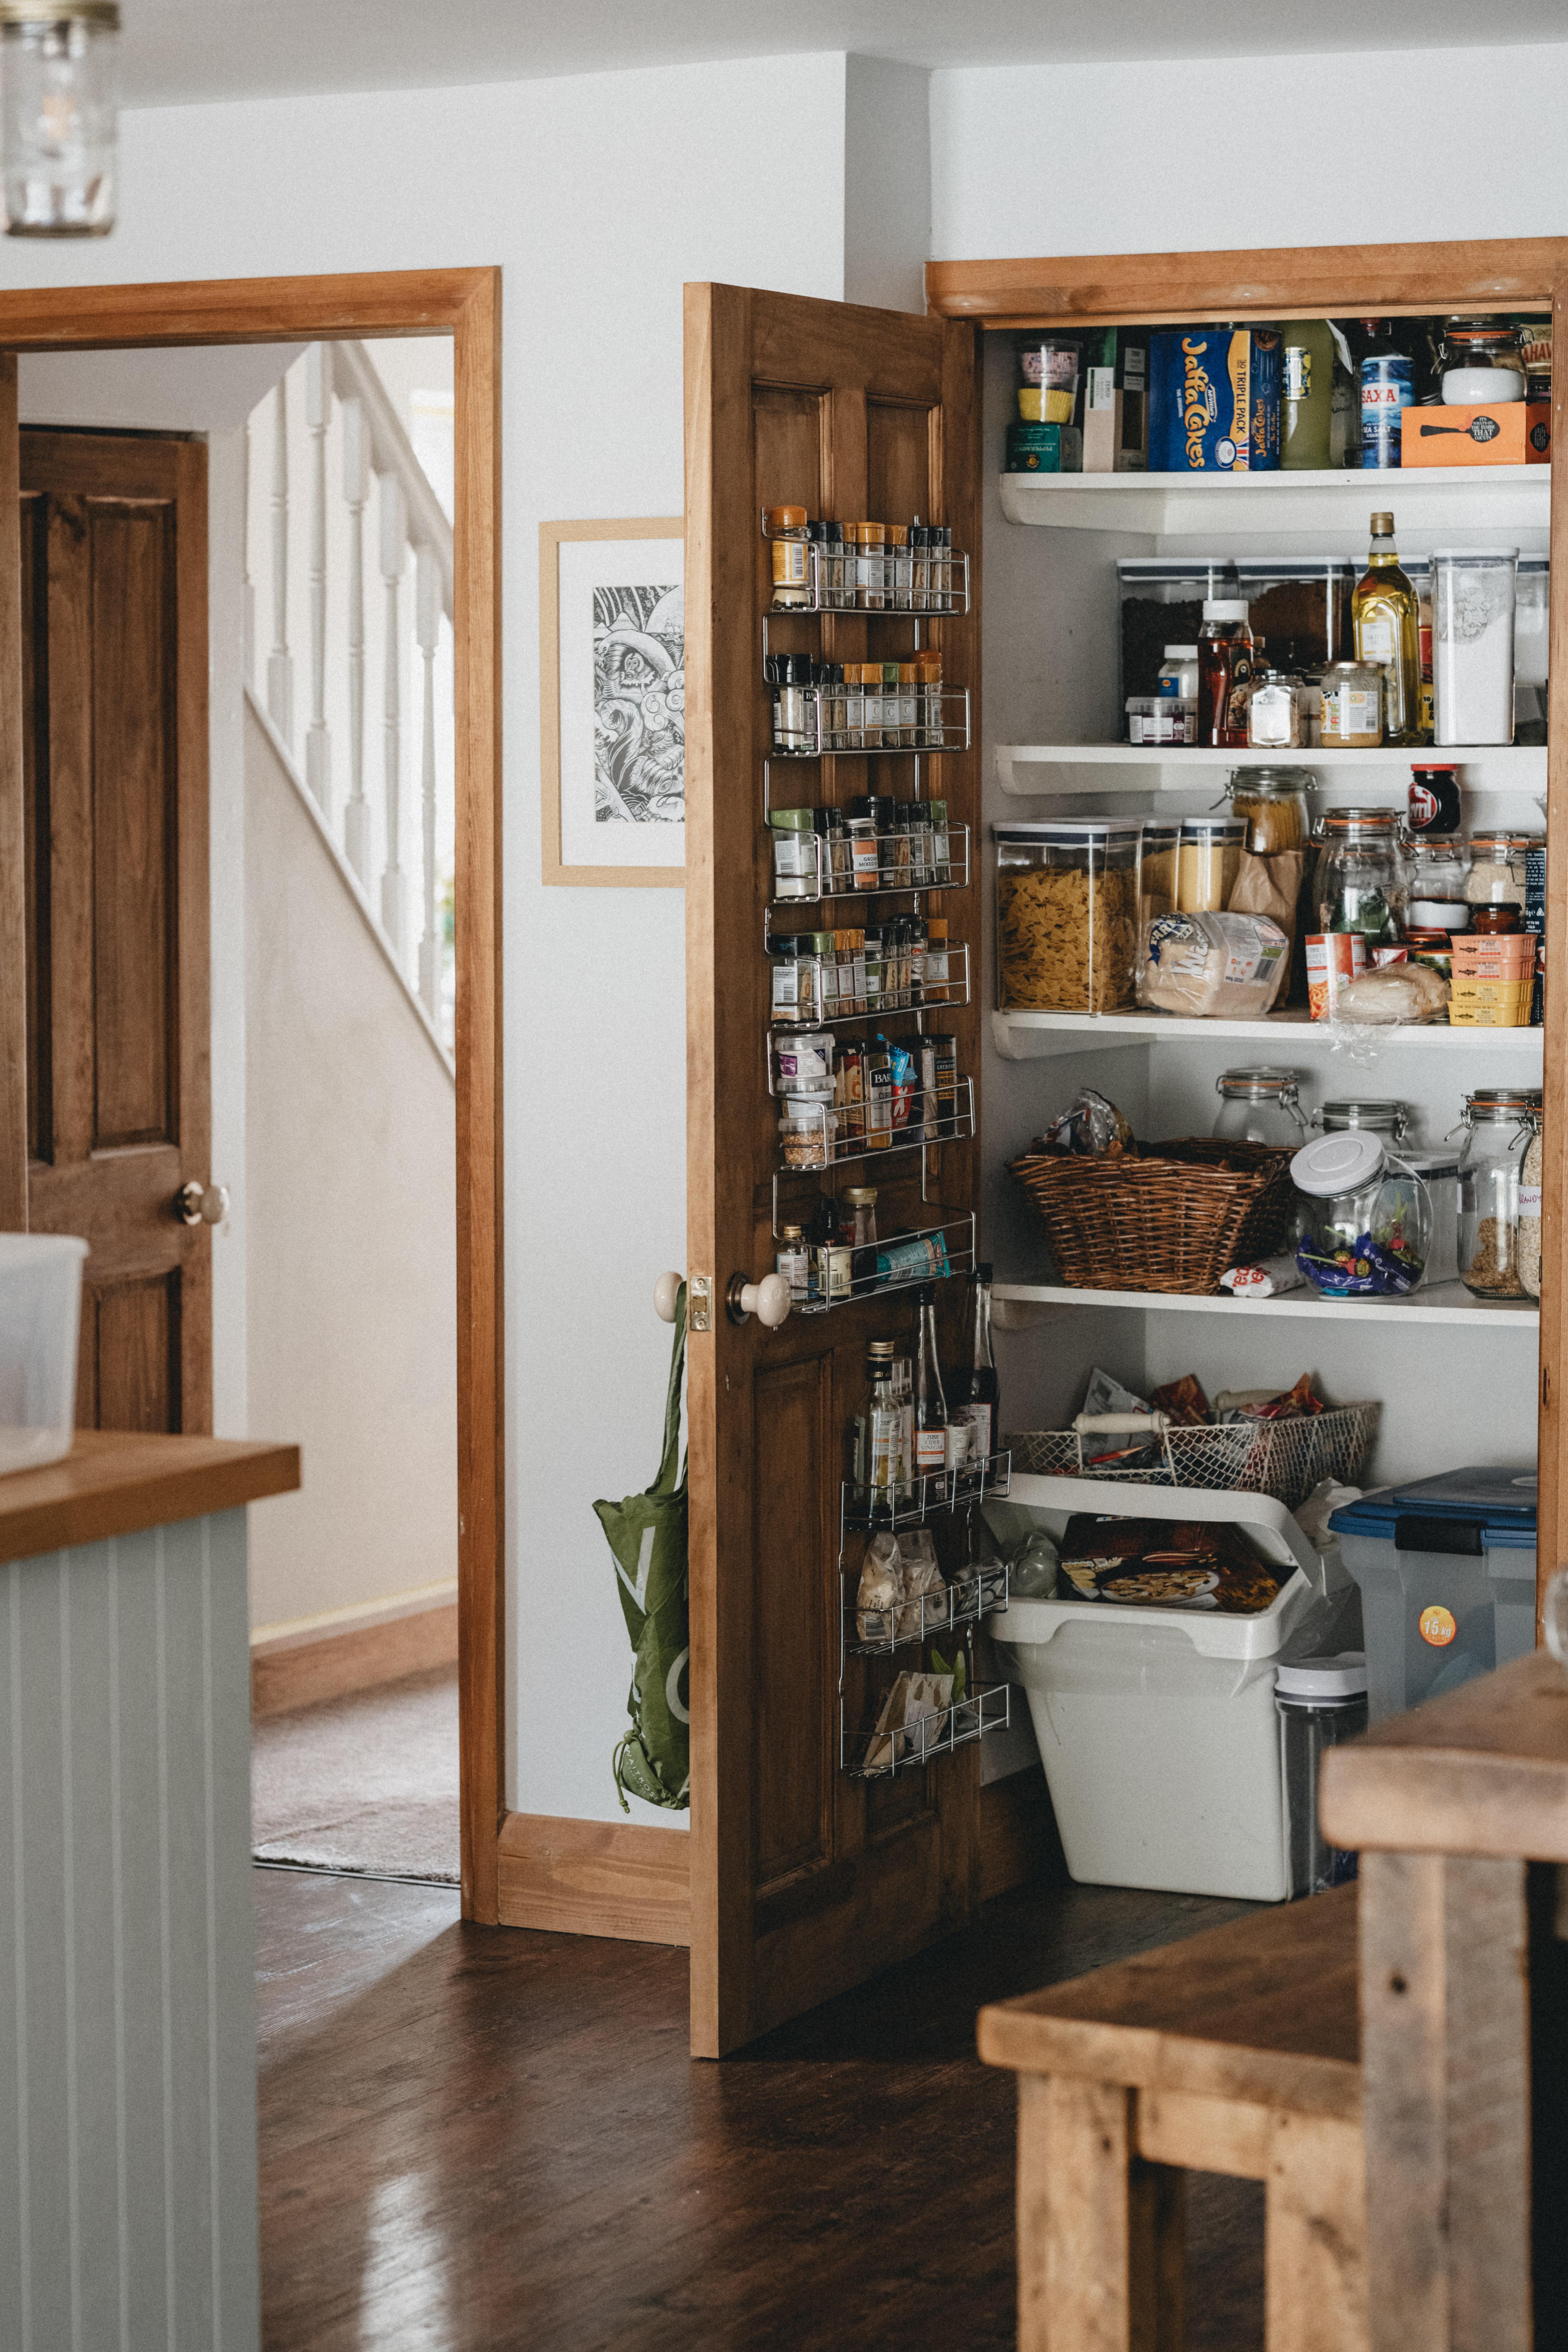 Open pantry door with spice rack